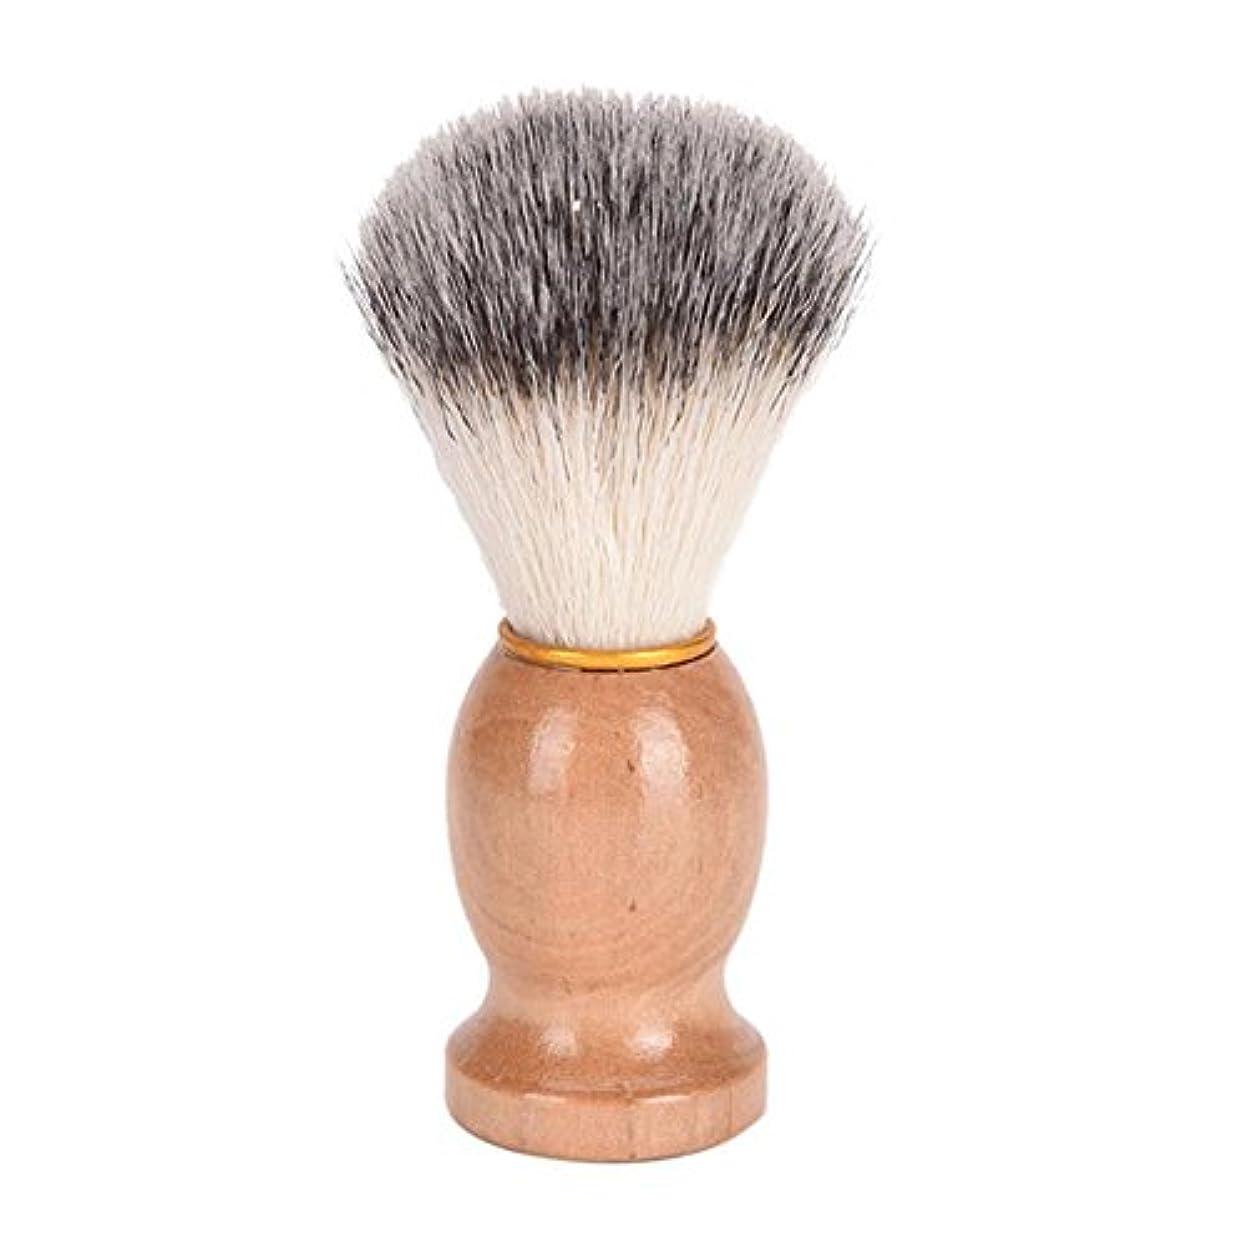 滑る従事する両方ひげブラシ 髭ブラシ シェービング用アクセサリー メンズ用 髭剃り ブラシ シェービングブラシ 木製ハンドル 男性 ギフト理容 洗顔 髭剃り